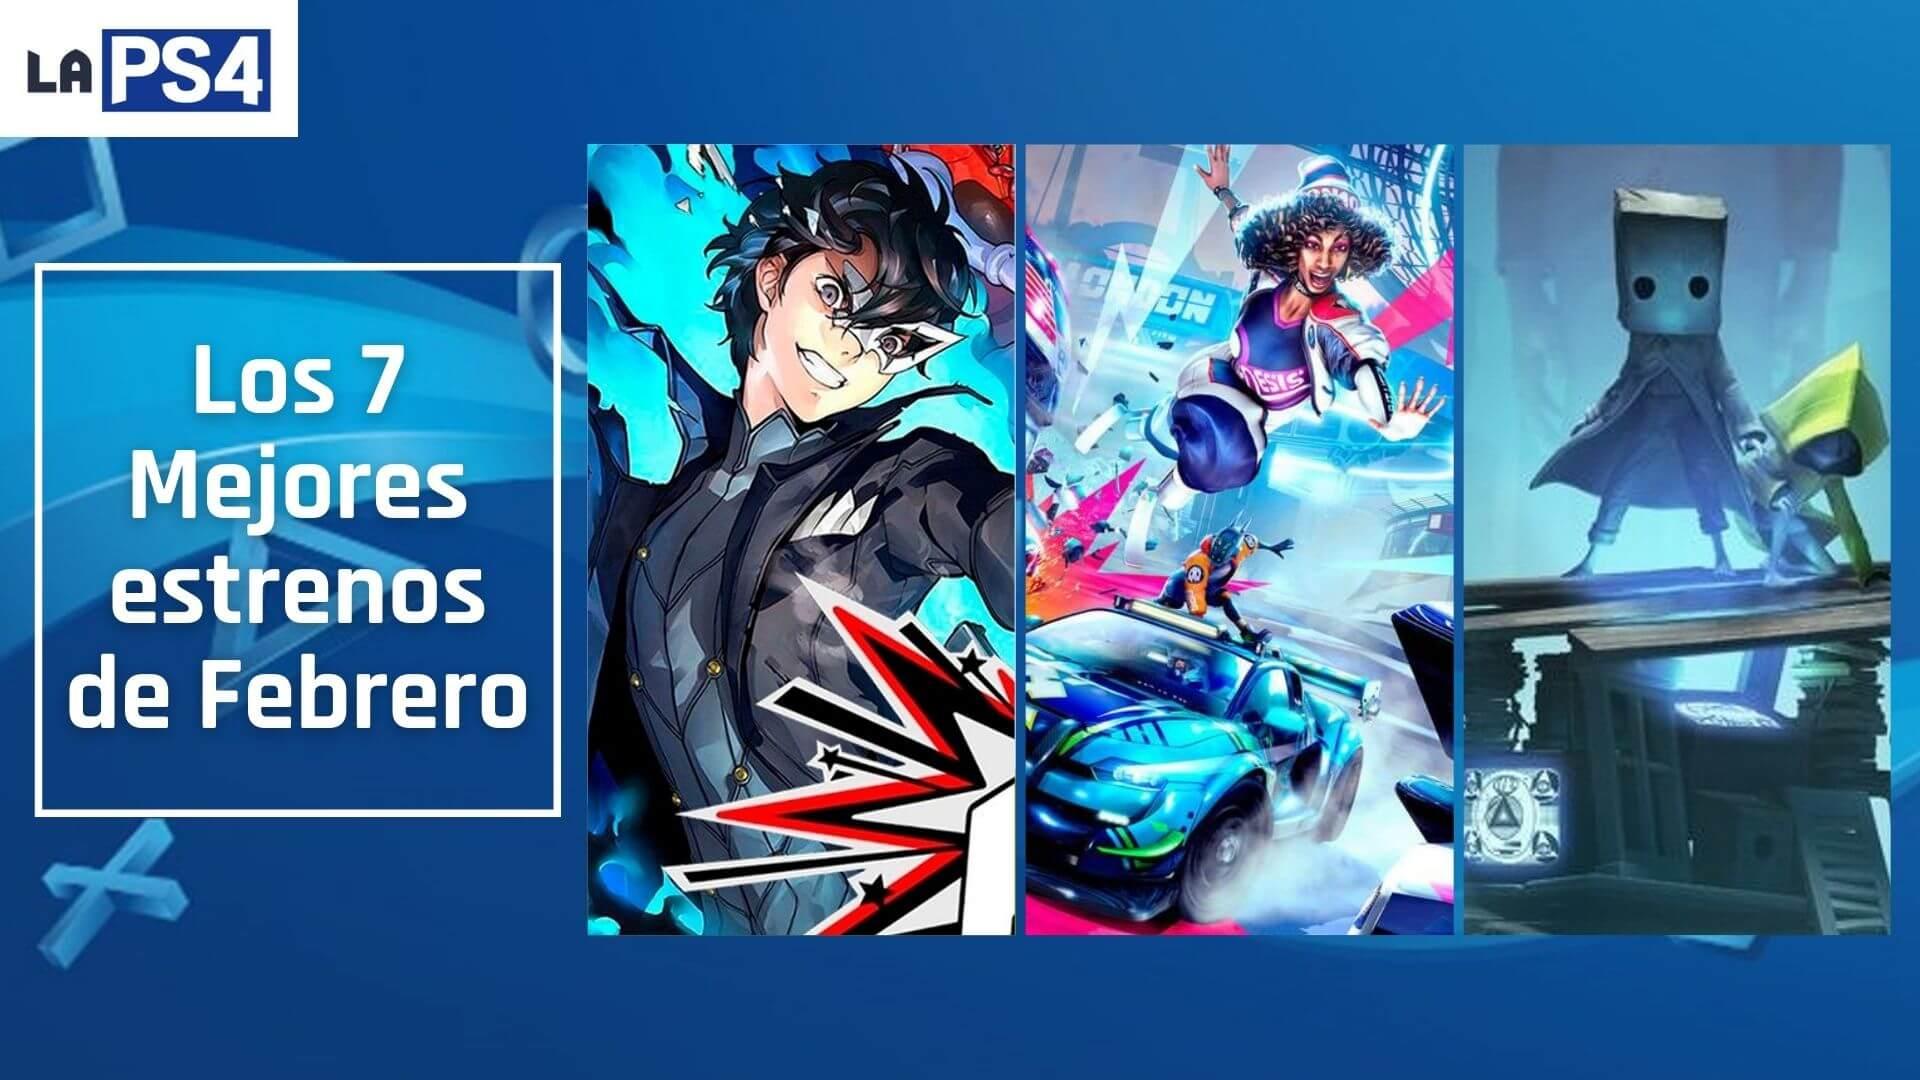 Los mejores 7 lanzamientos de febrero en PlayStation